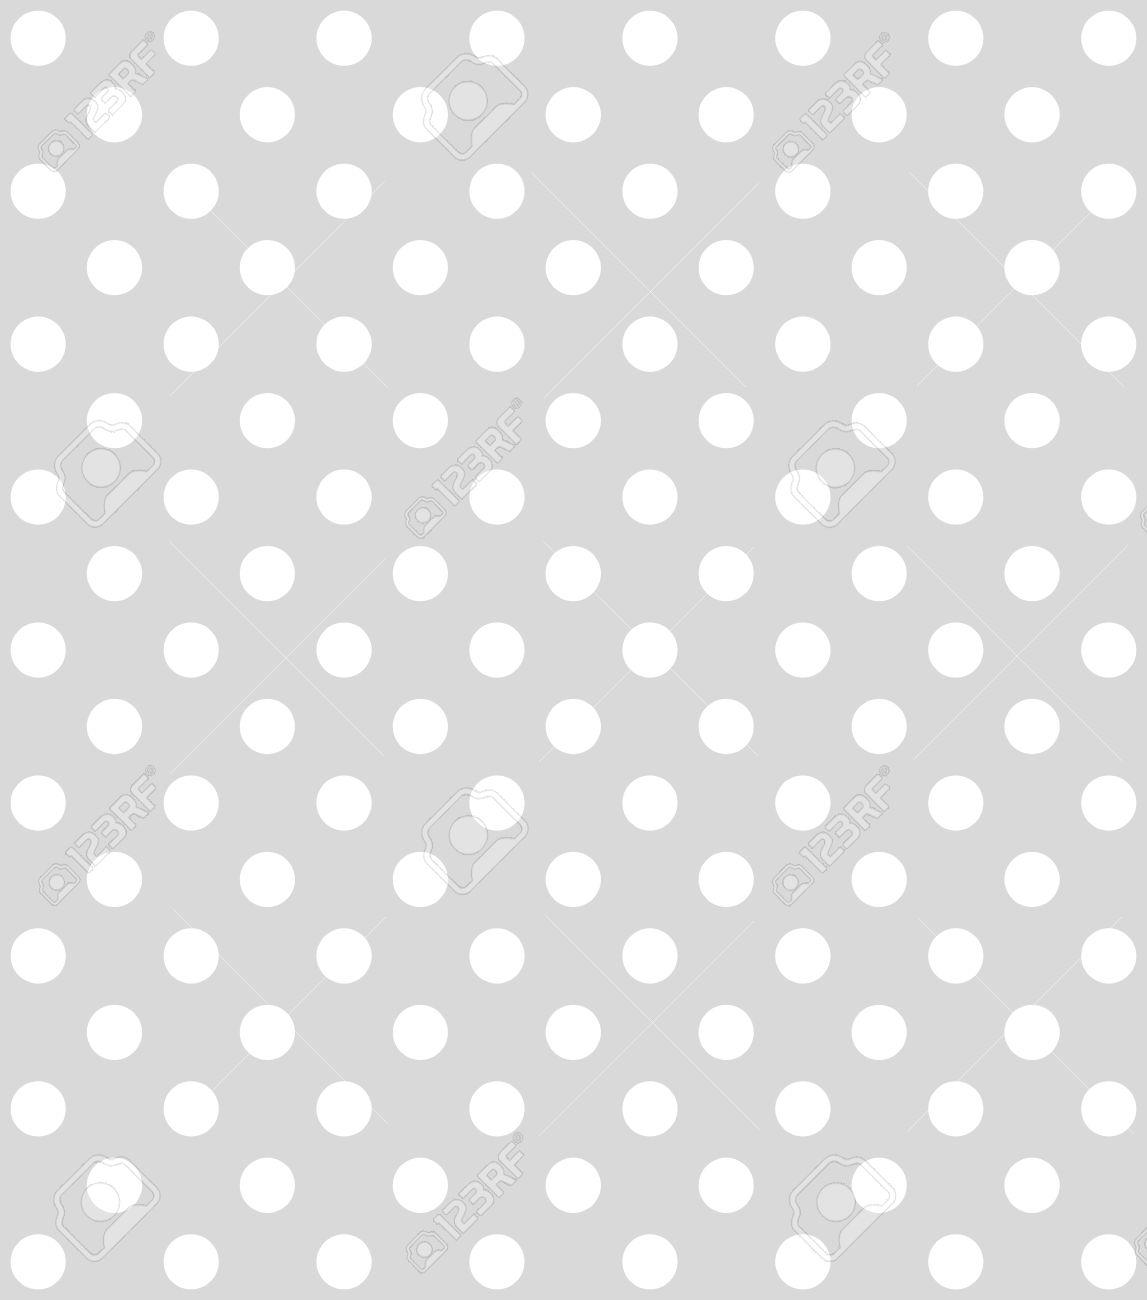 Standard Bild Traditionelle Gepunktete Tapete Mit Weisen Punkten Und Grauem Hintergrund